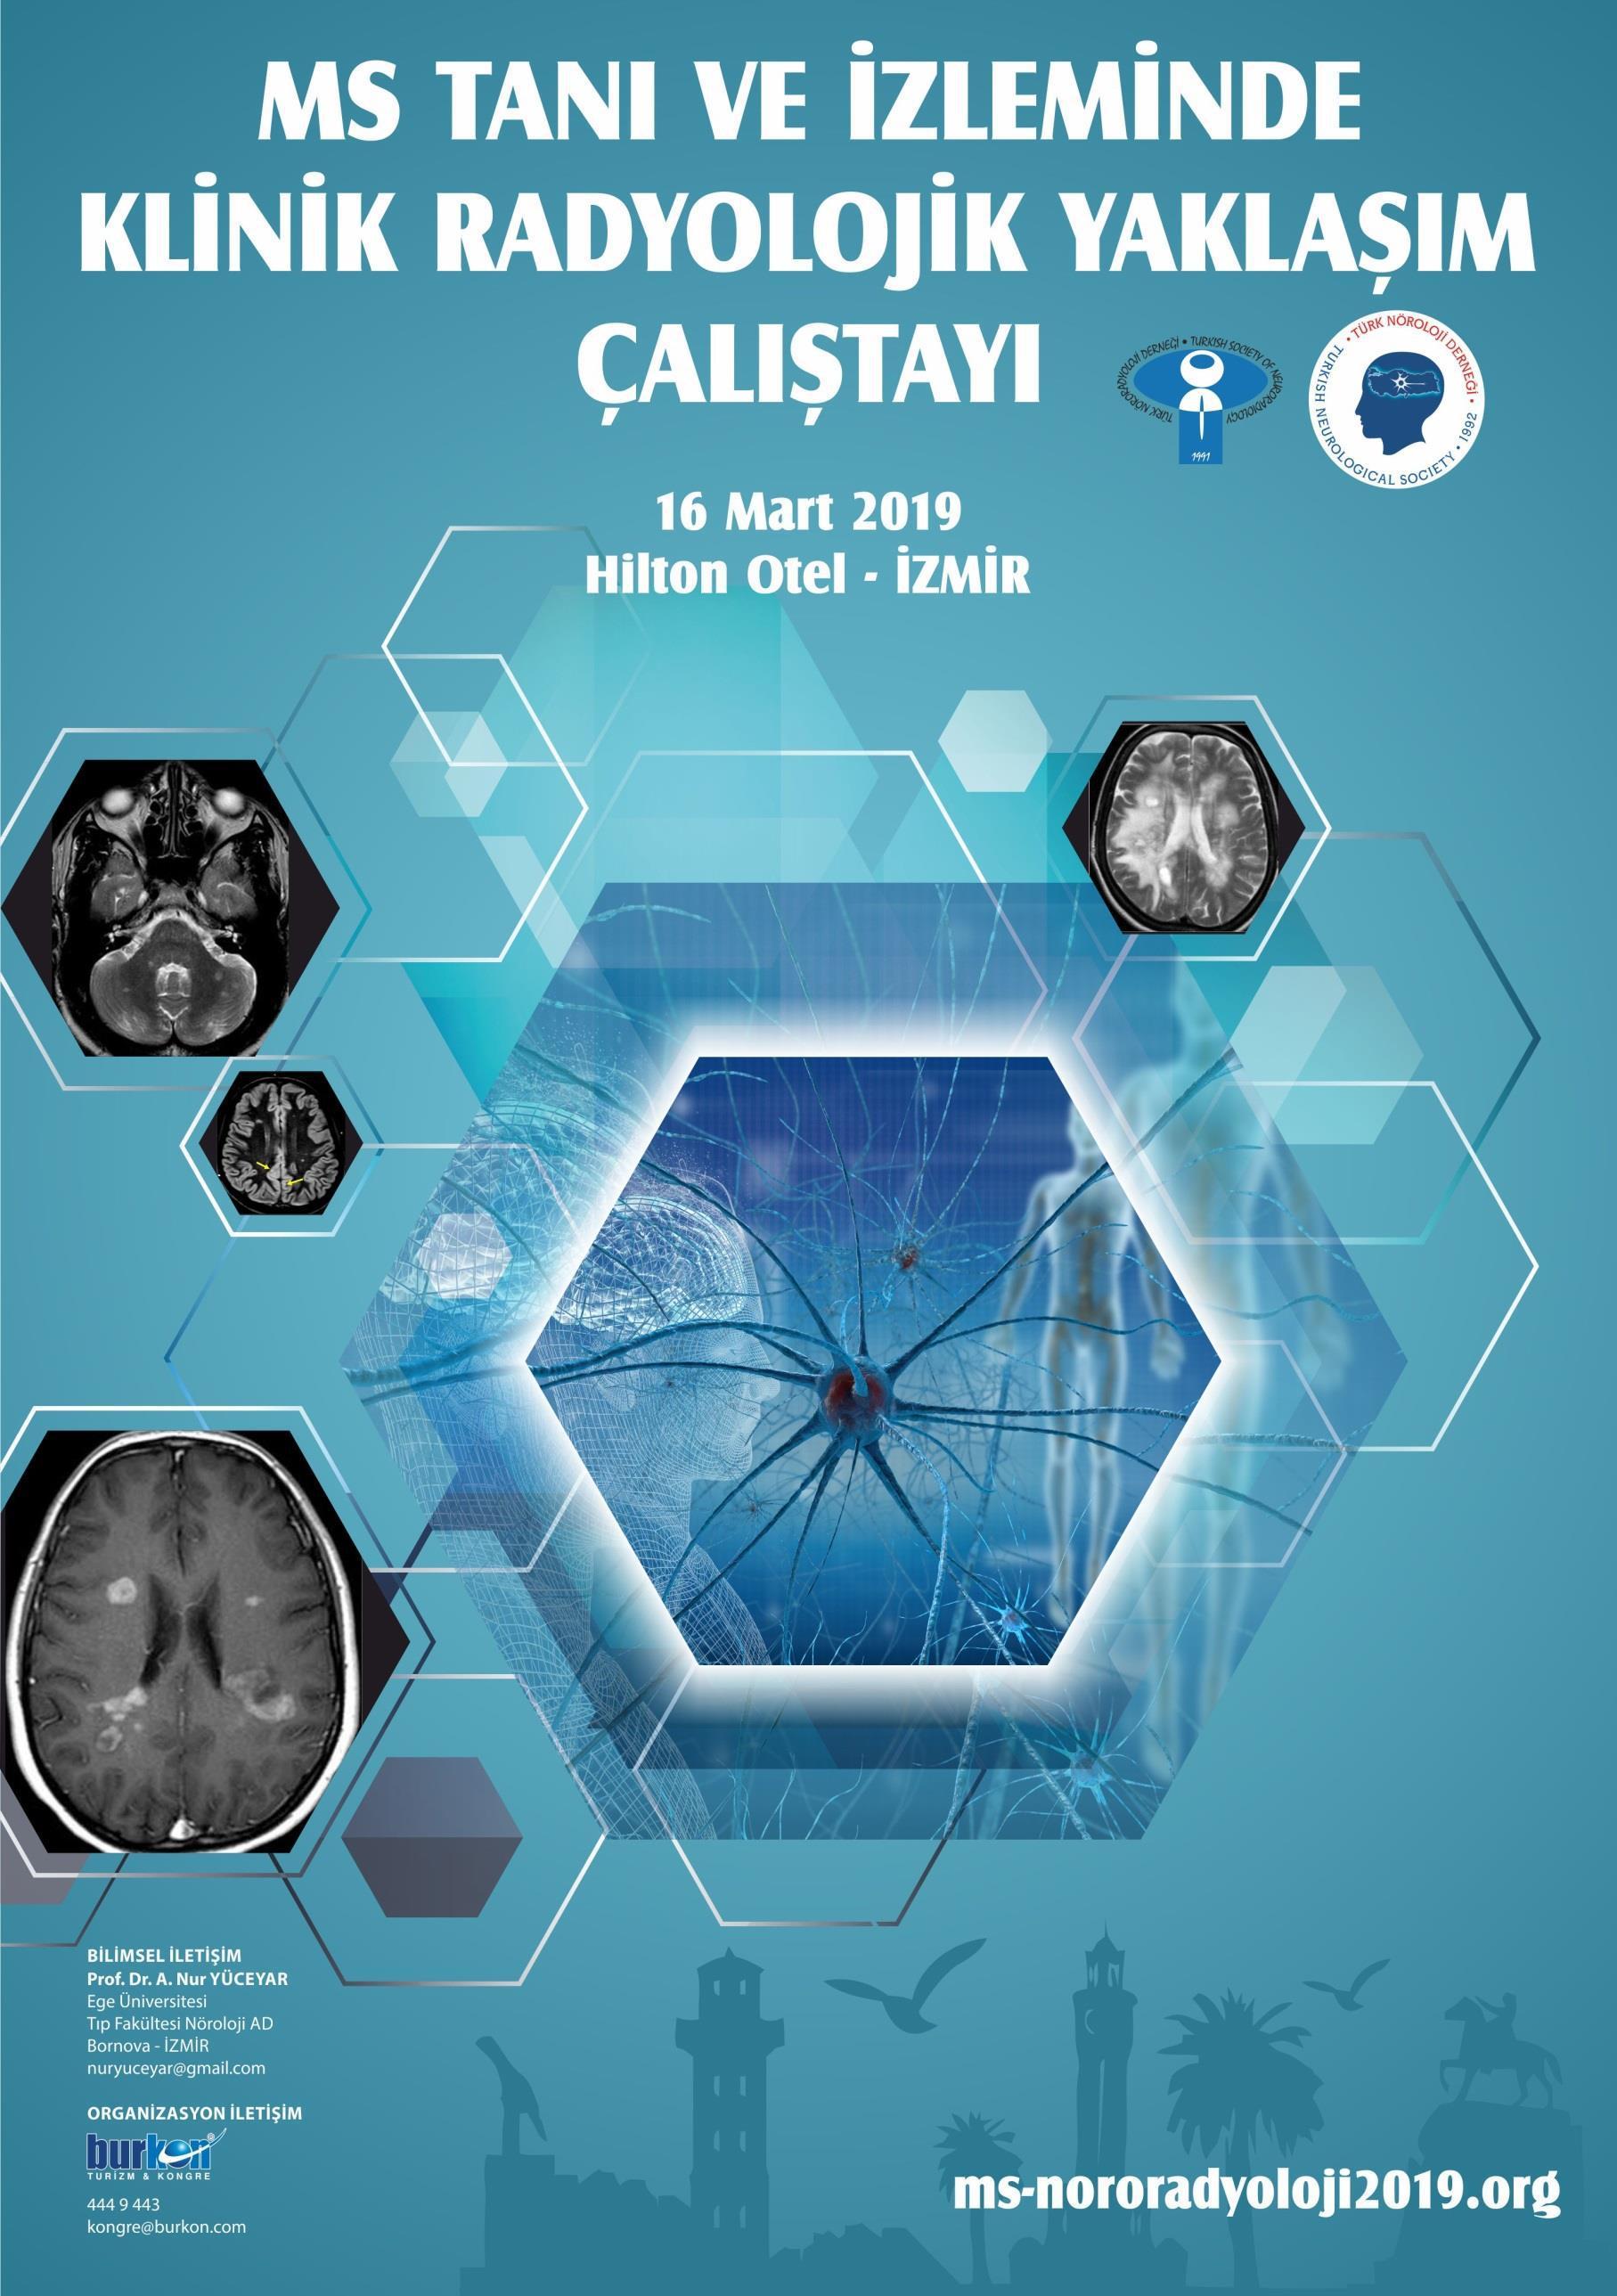 MS Tanı ve İzleminde Klinik Radyolojik Yaklaşım Çalıştayı